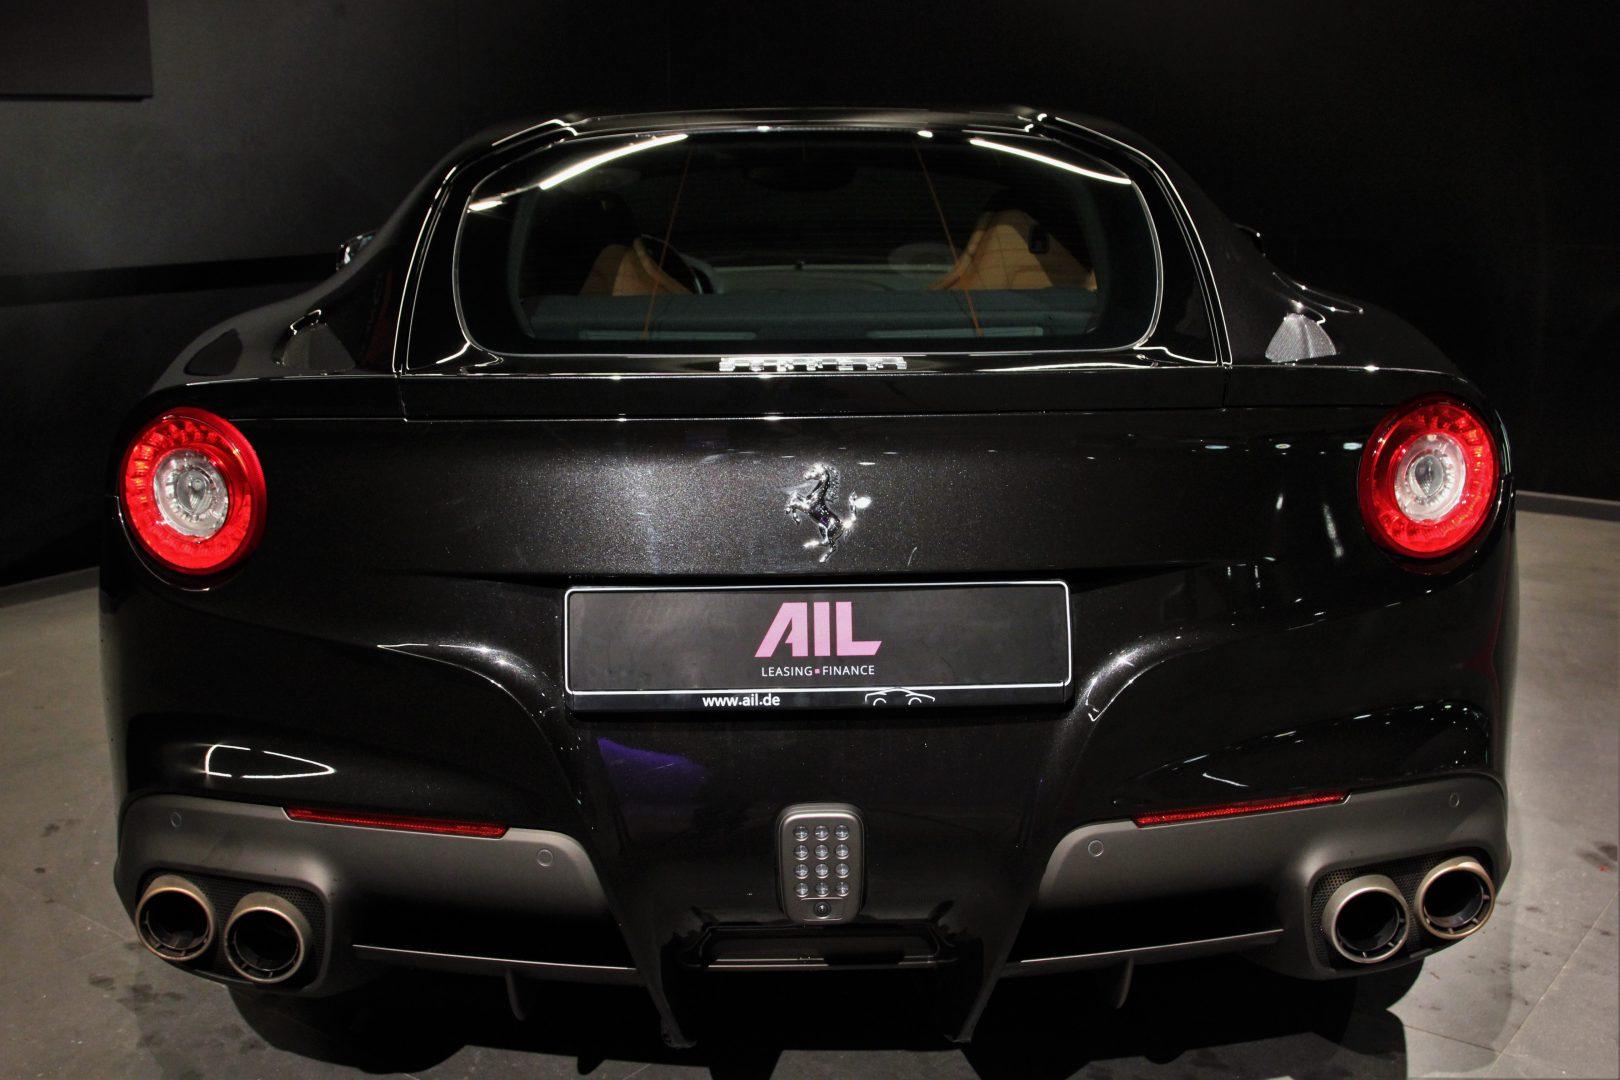 AIL Ferrari F12 Berlinetta 9